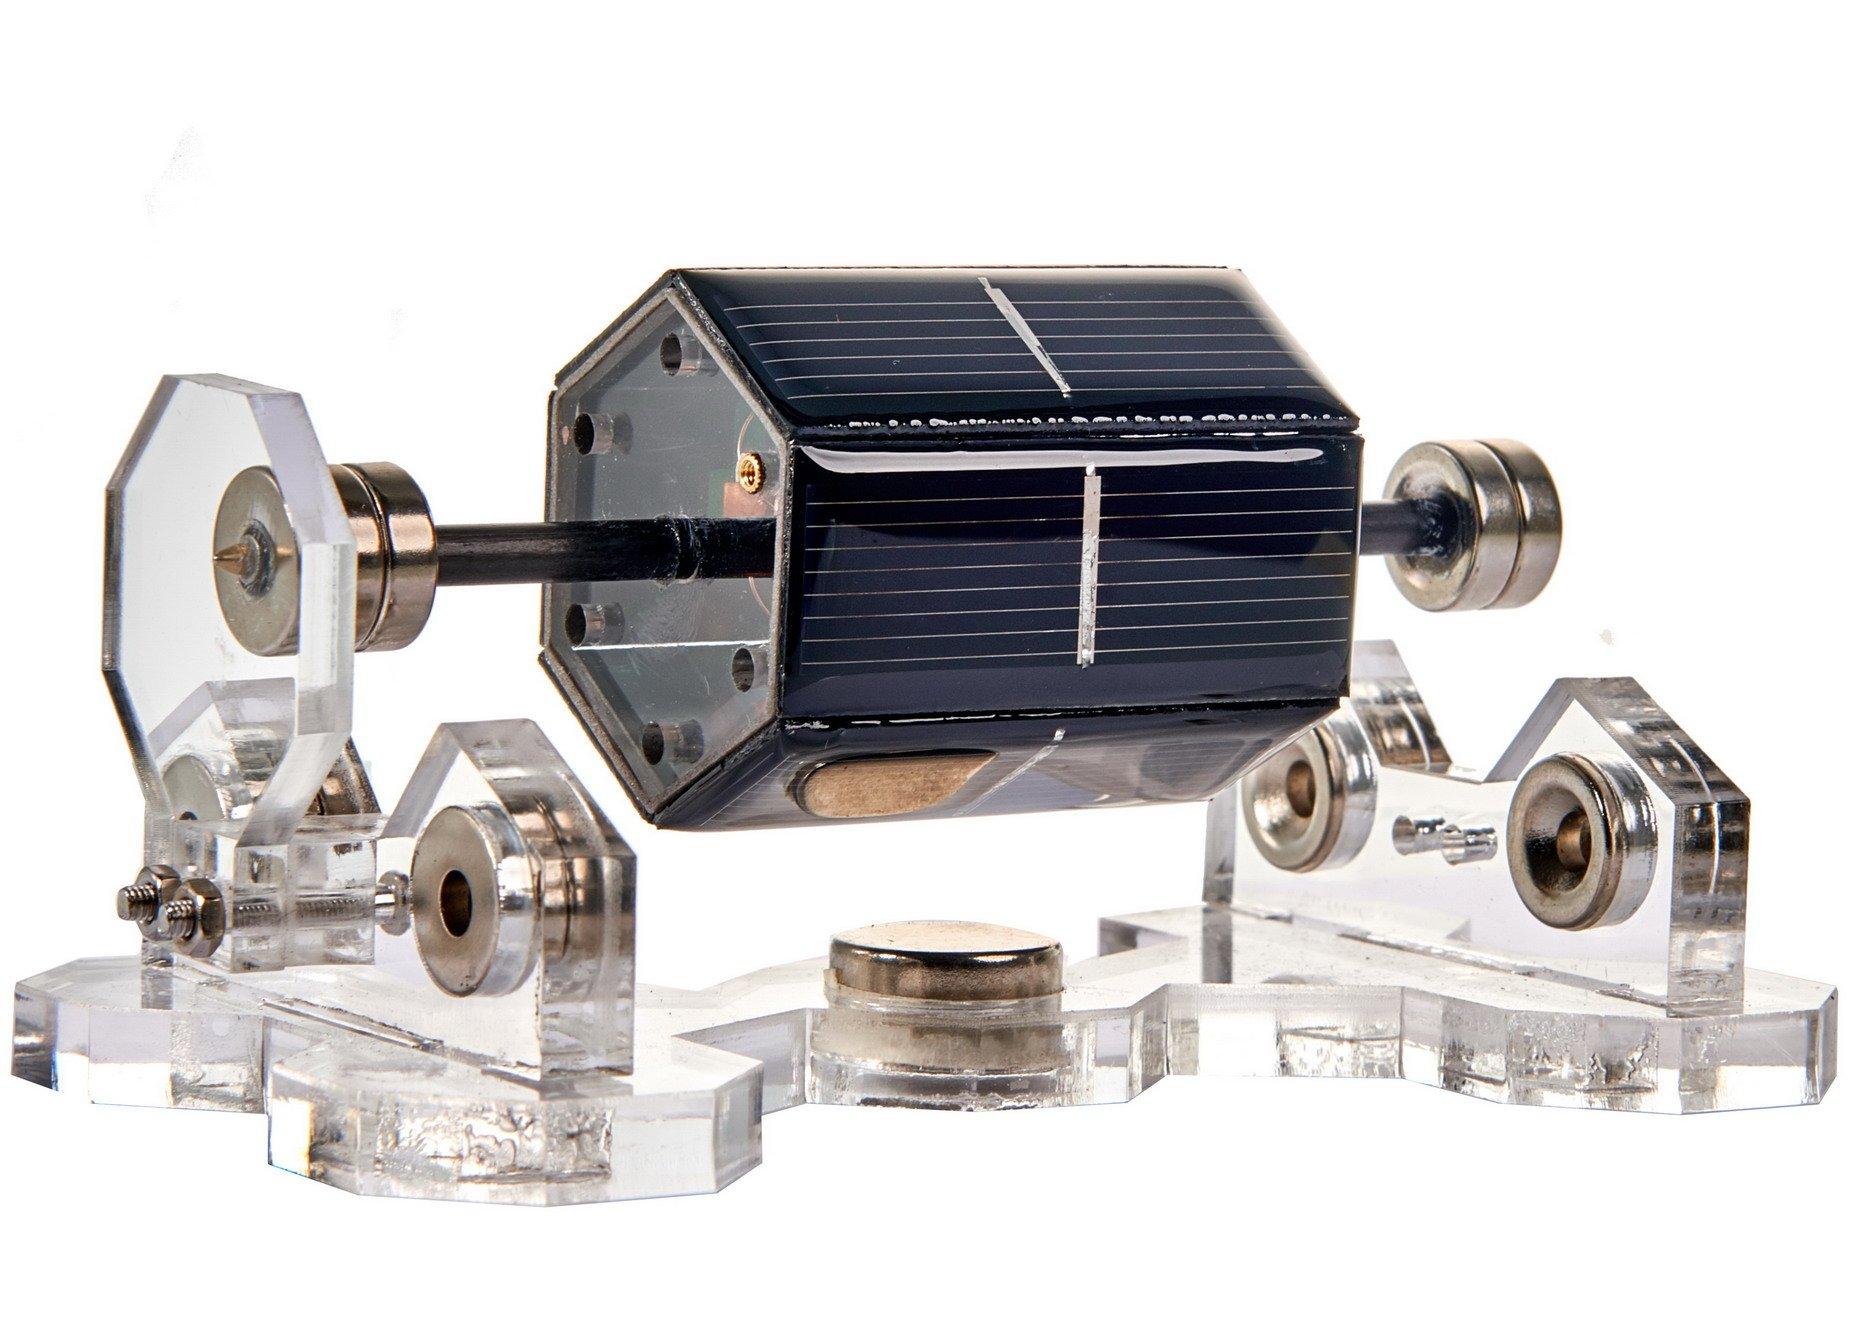 Sunnytech Solar Magnetic Levitation Model Levitating Mendocino Motor Educational Model ST35